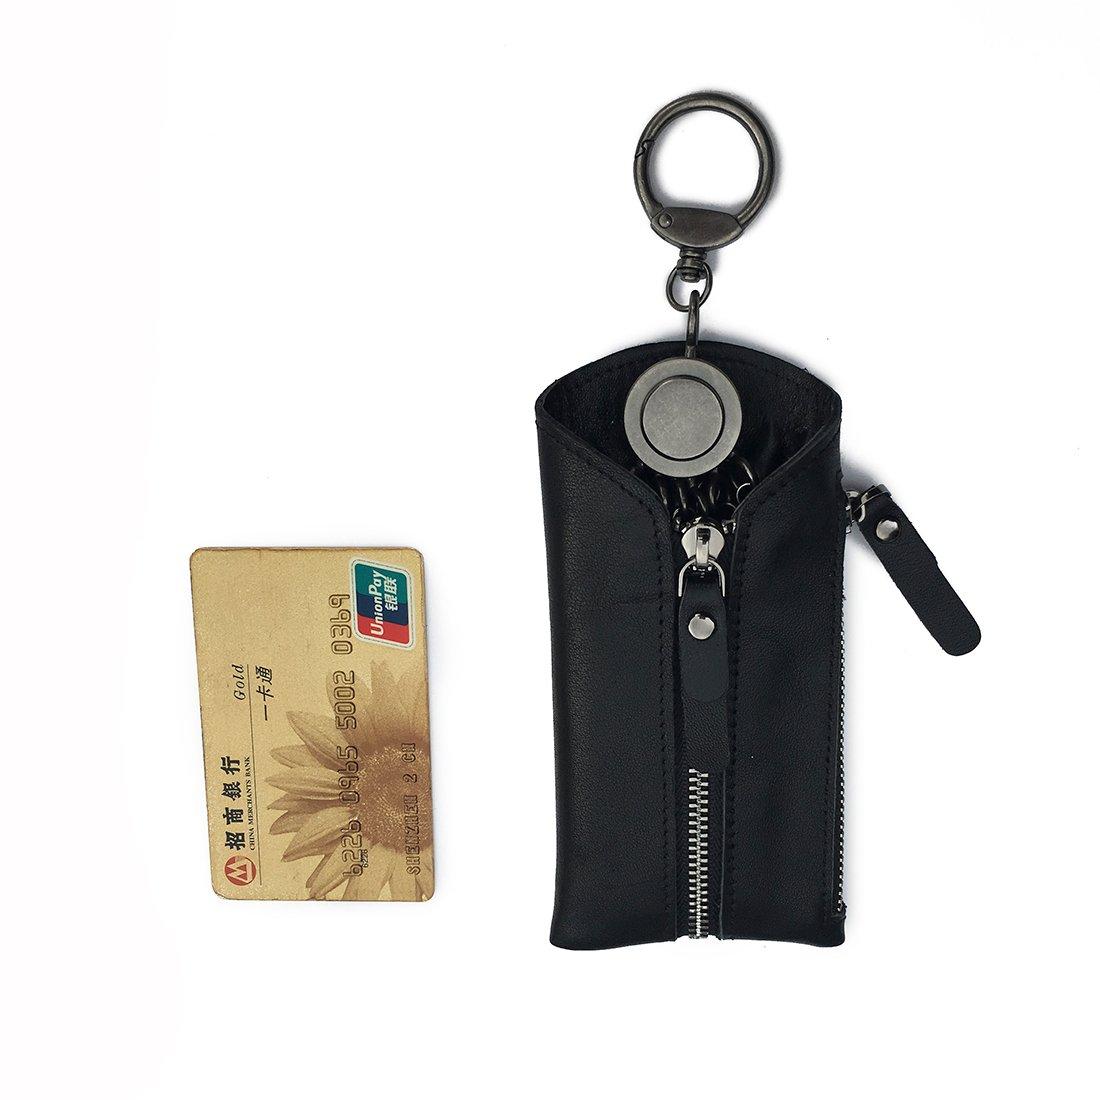 Amazon.com: yttao portafolios de llavero de piel auténtica ...